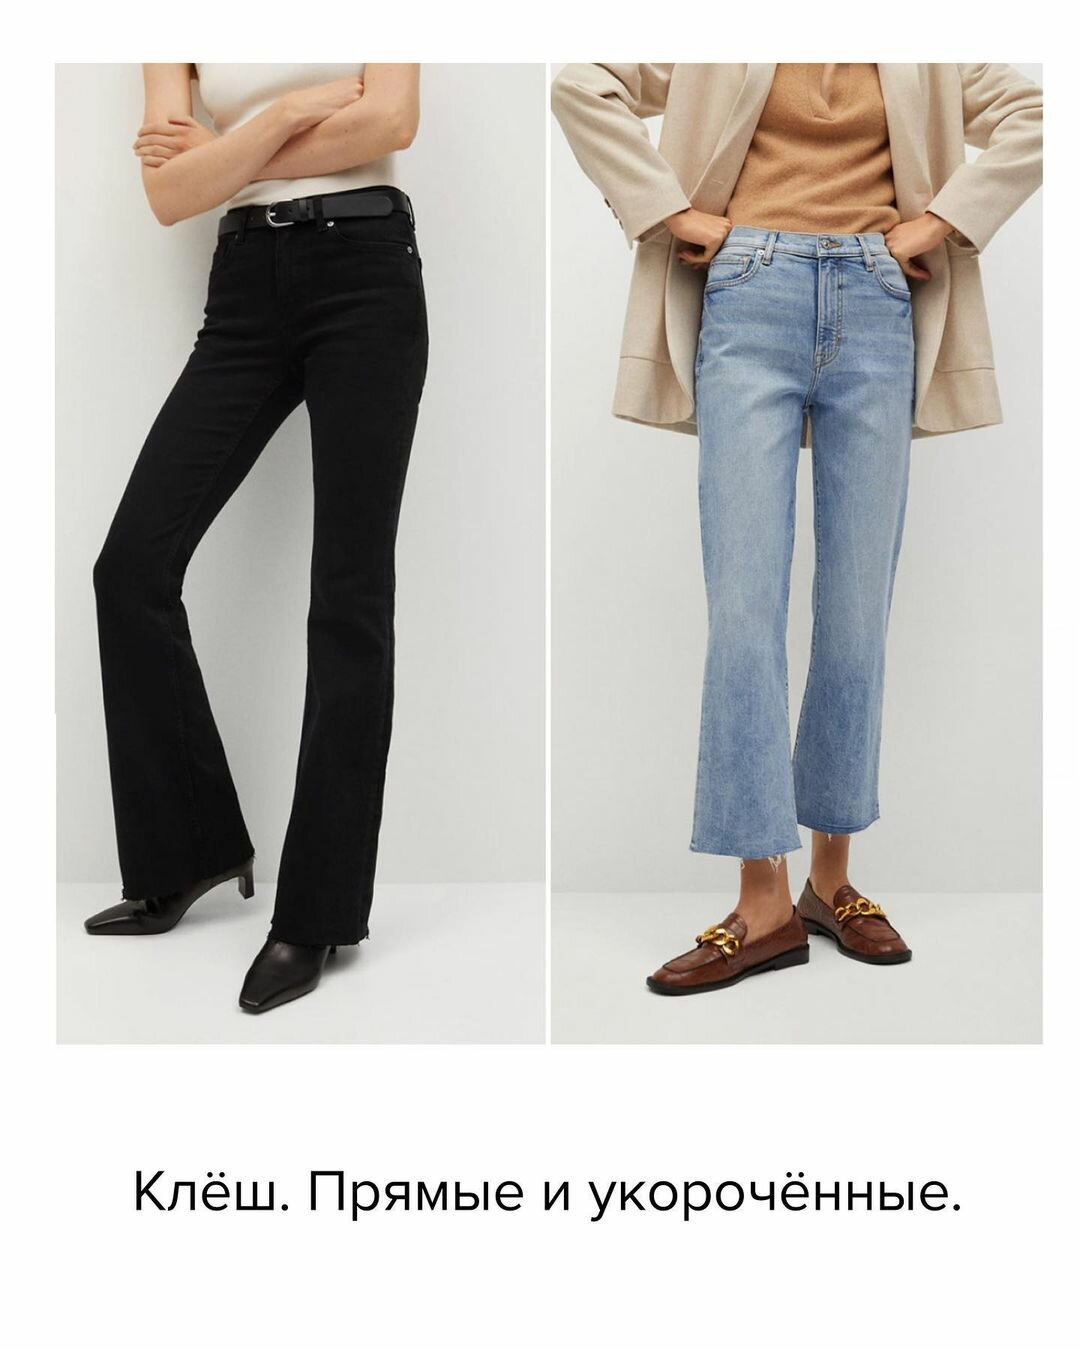 Слоучи, колор блок и варенки: какие джинсы покупать на лето 2021